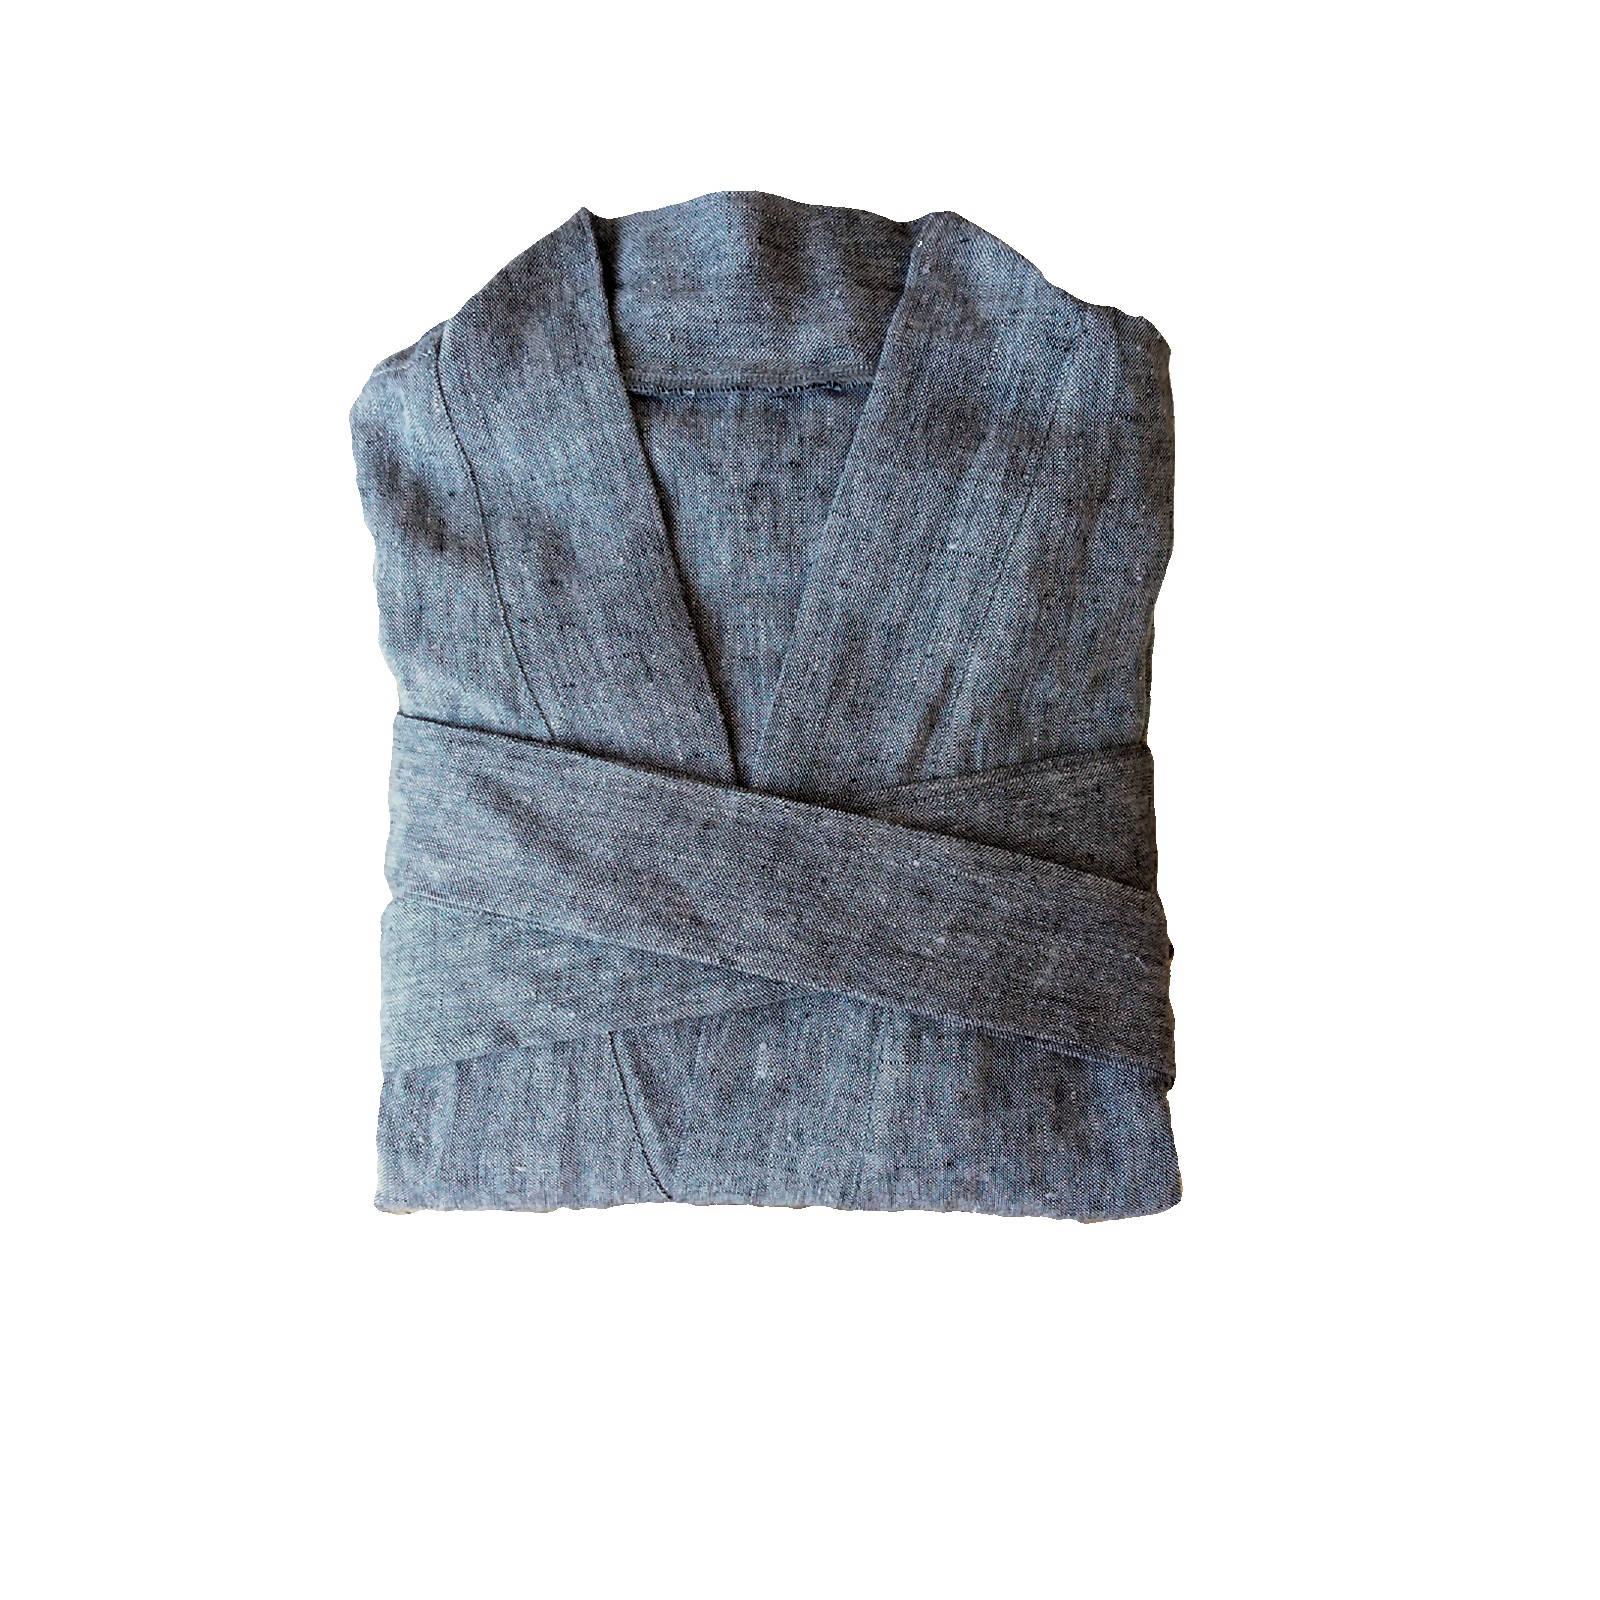 ca8db566b7 Vestito grigio di lino Accappatoio kimono di lino | Etsy